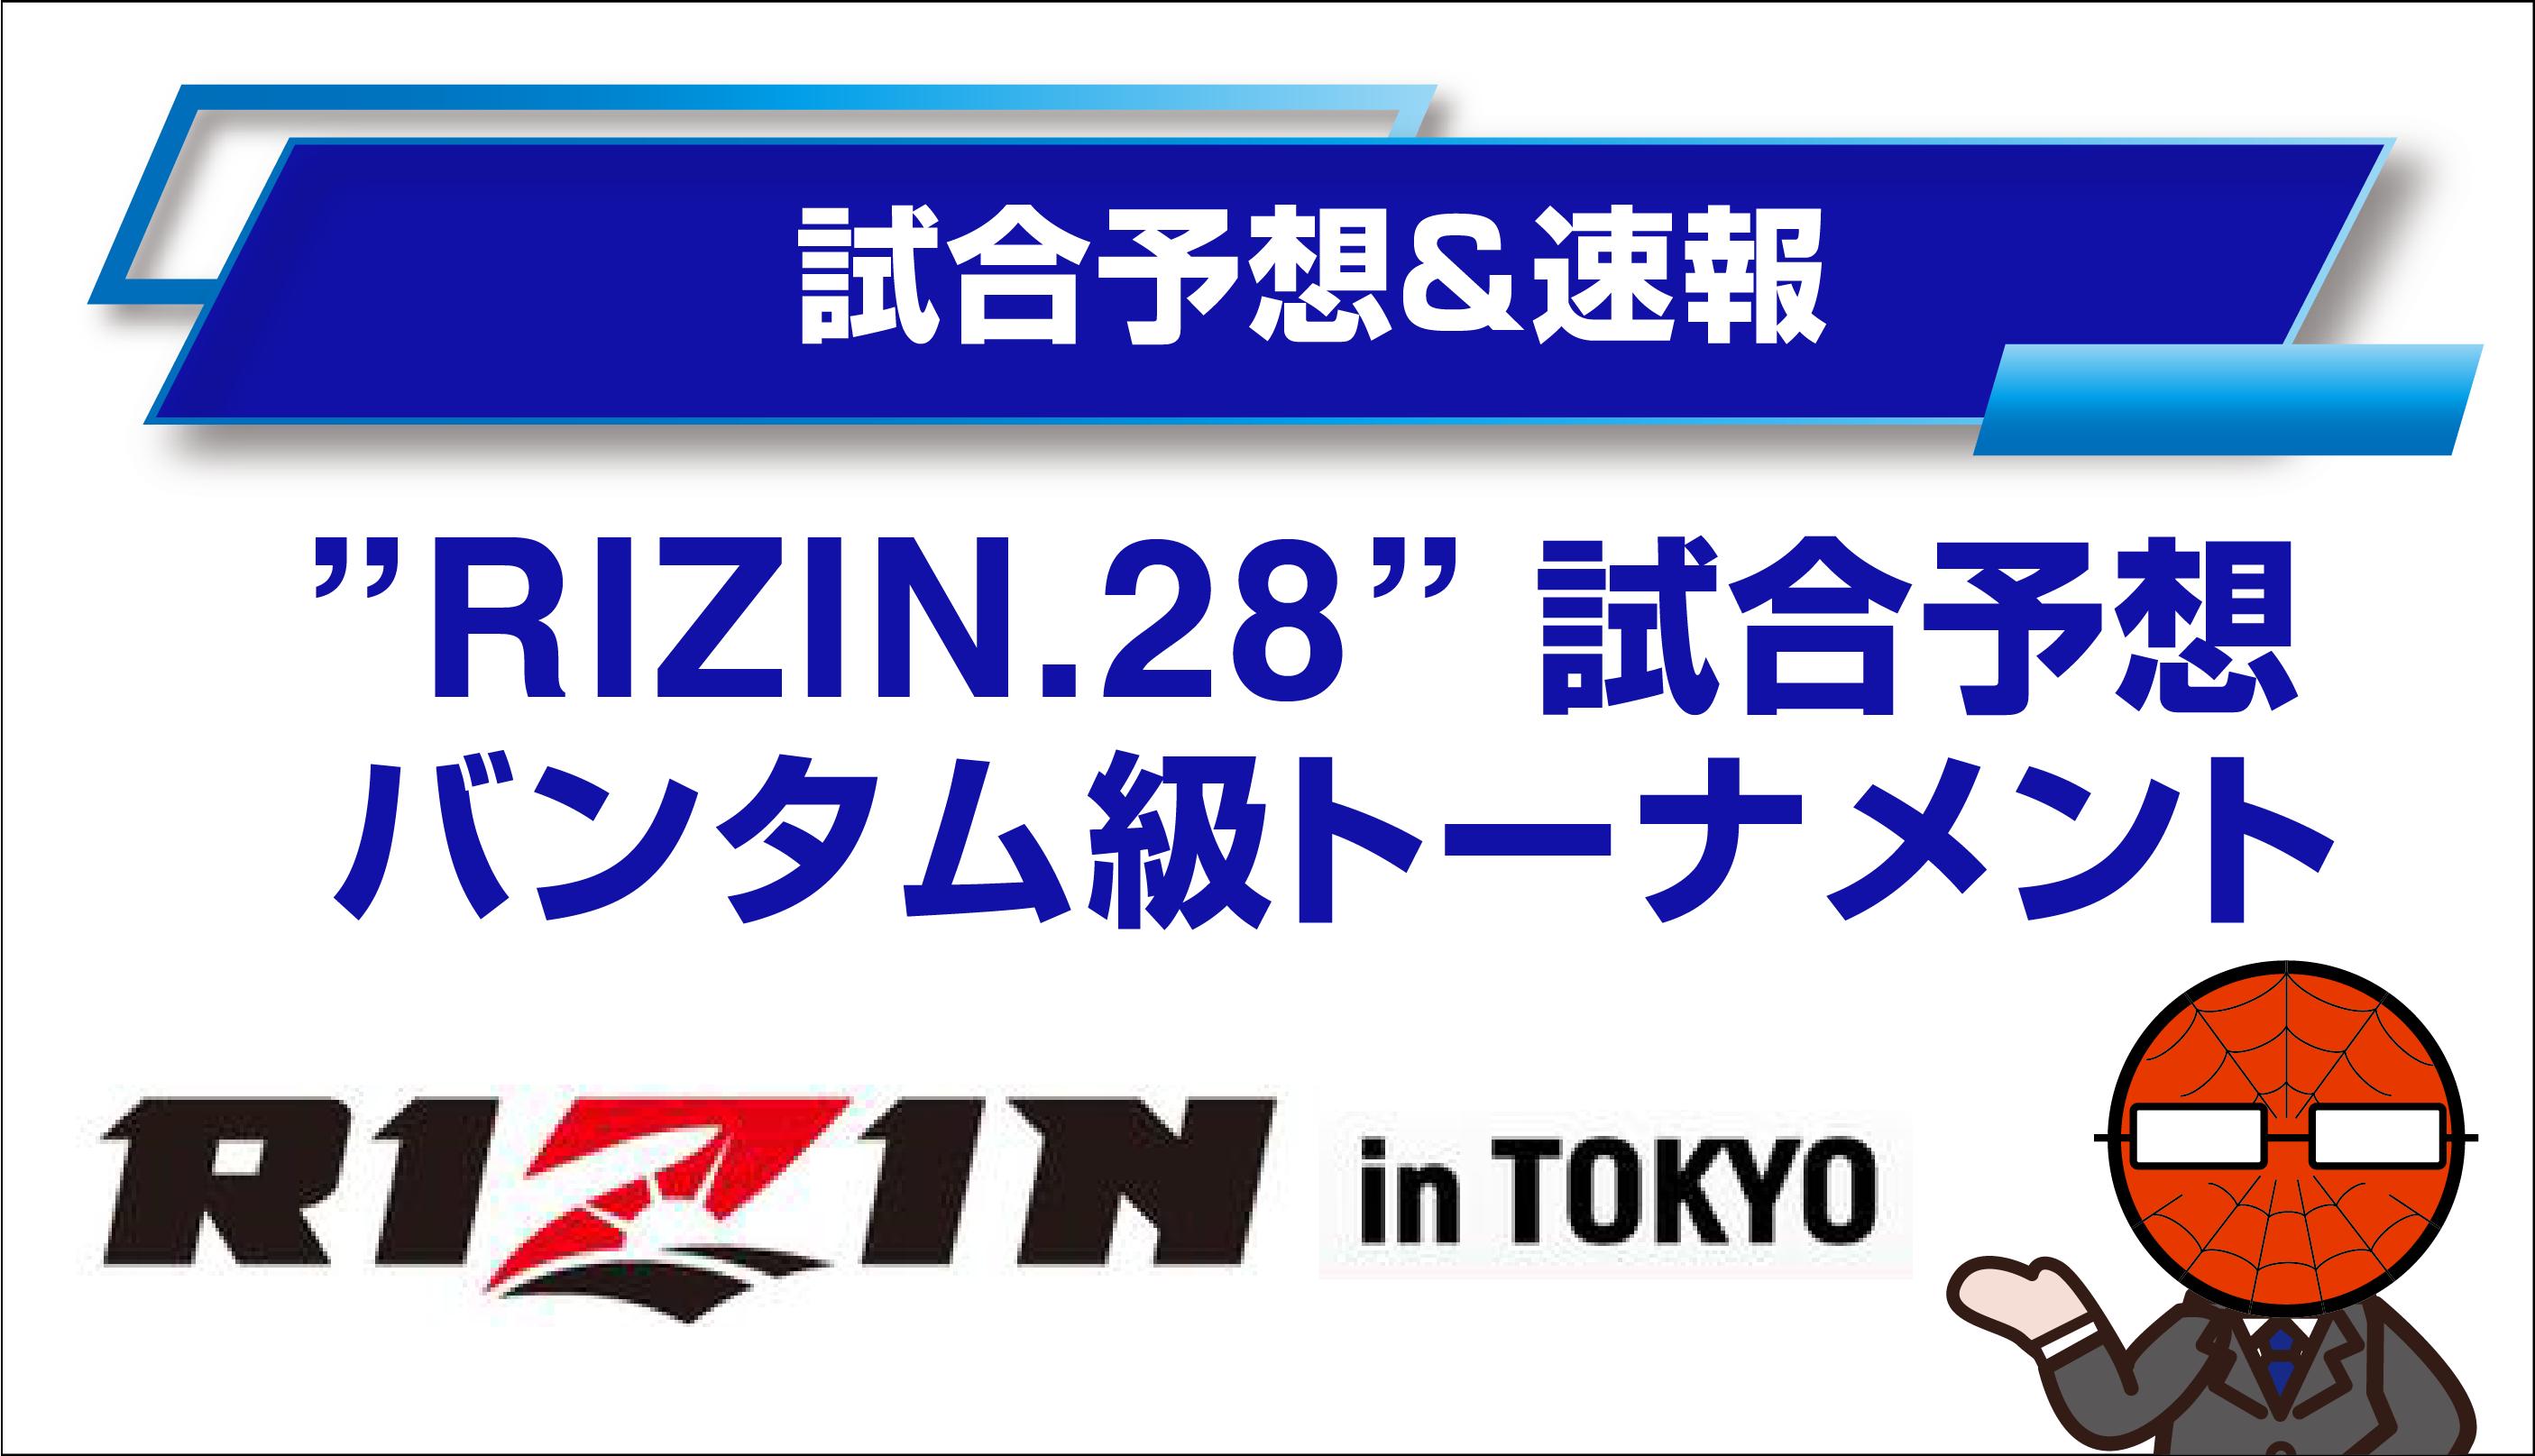 rizin-28-1